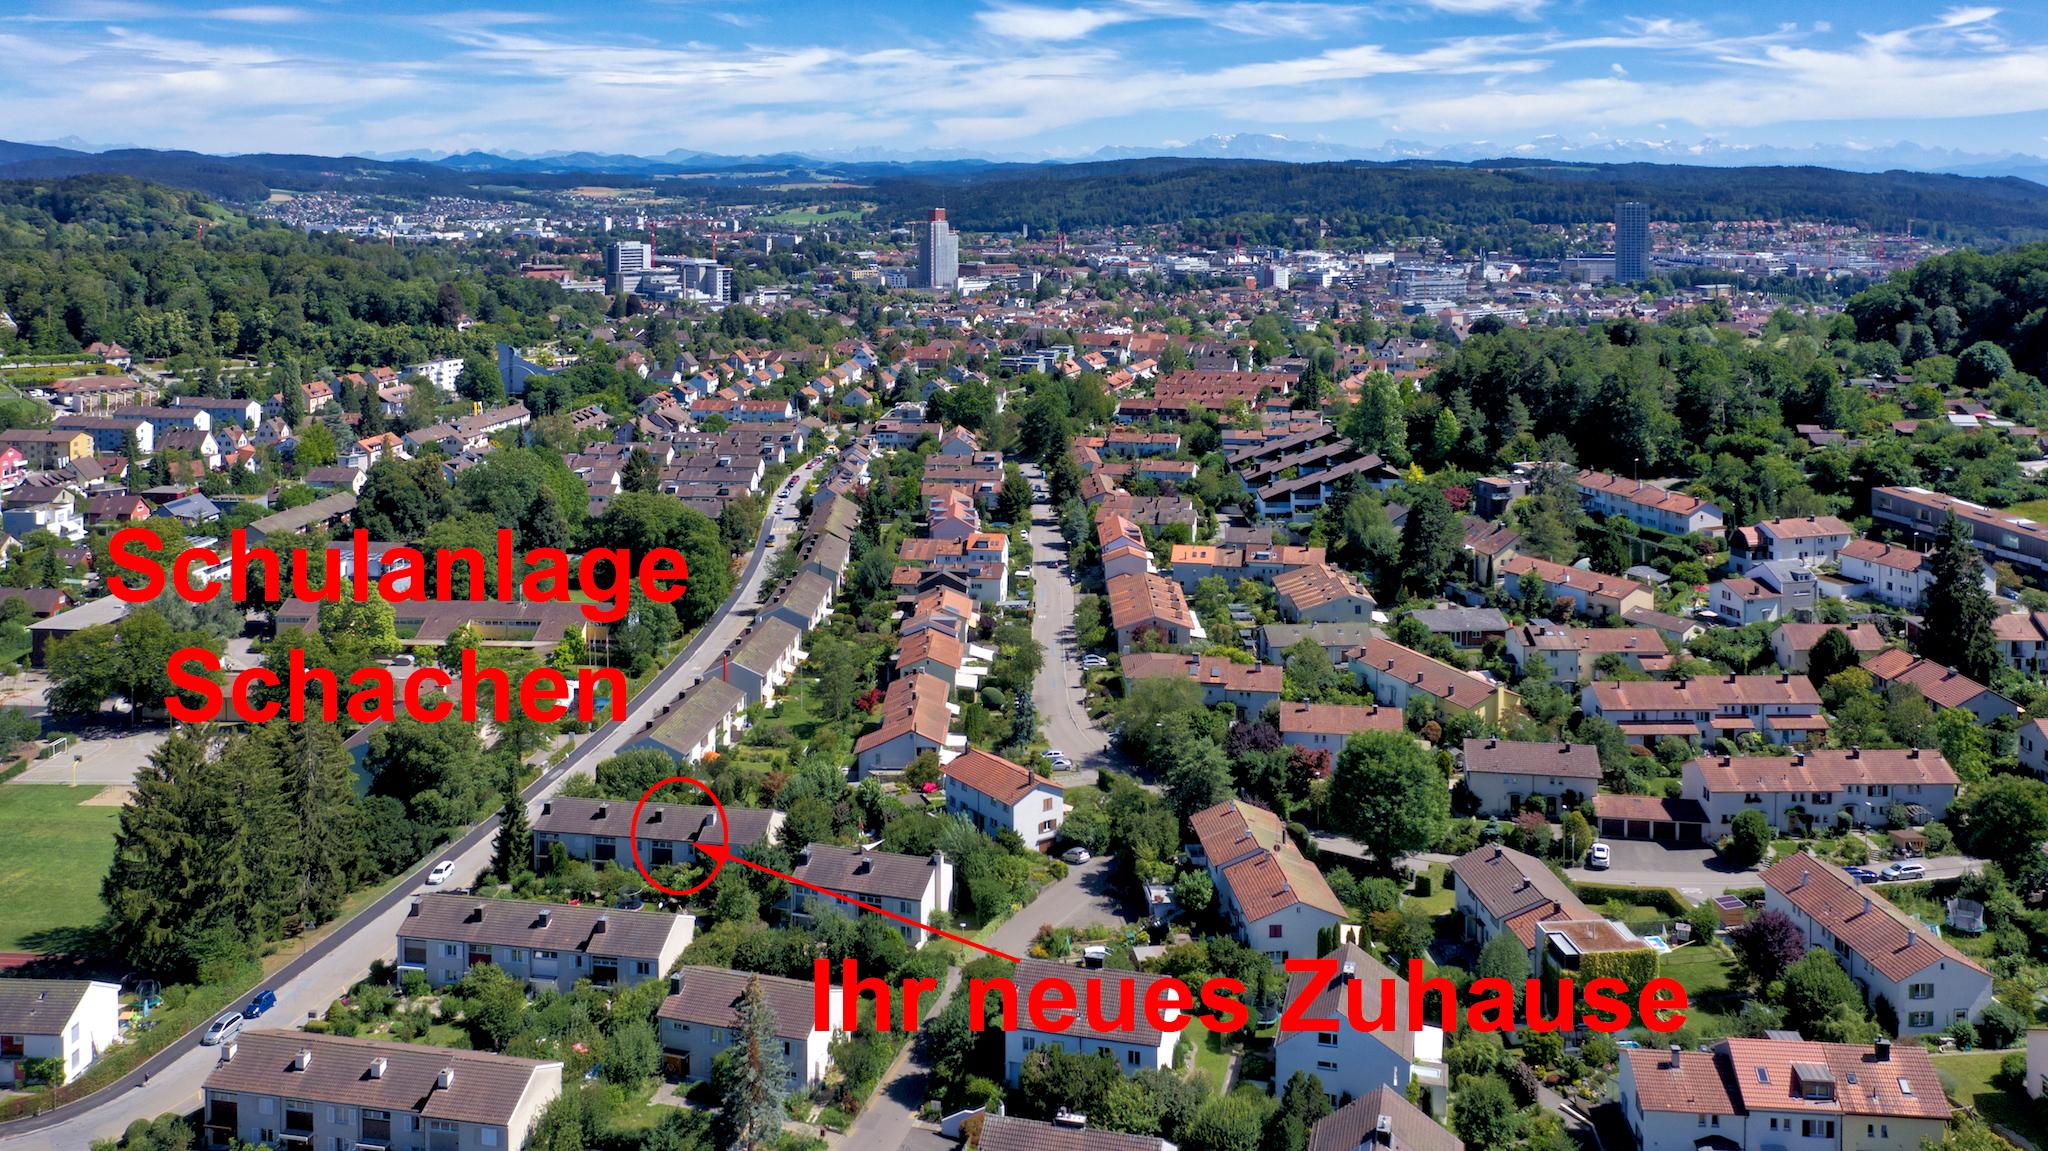 Ihr neues Zuhause in Veltheim